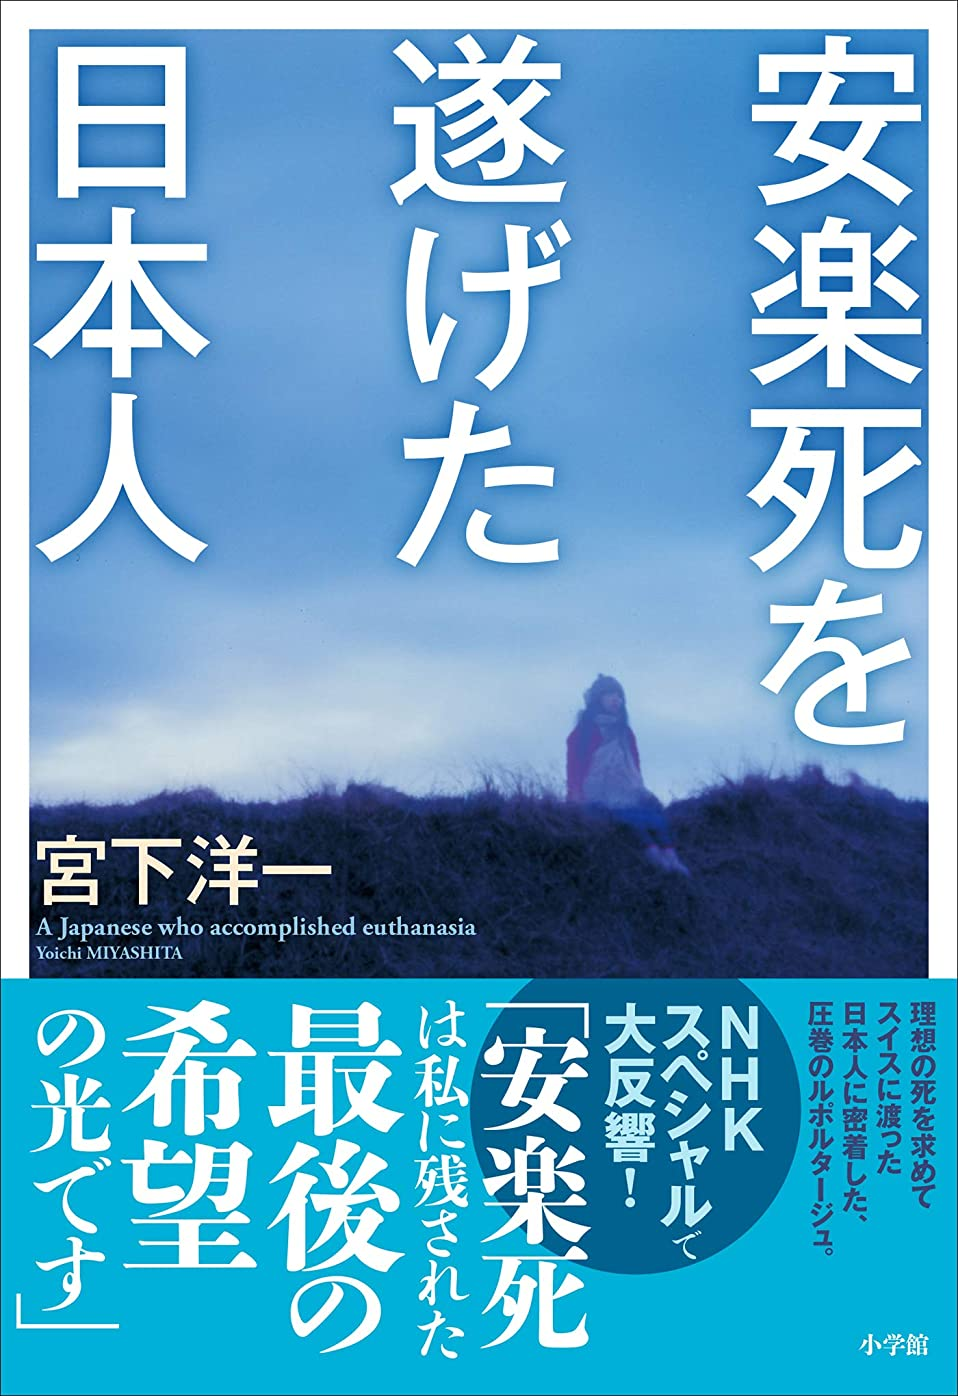 バラエティ叙情的な月面安楽死を遂げた日本人